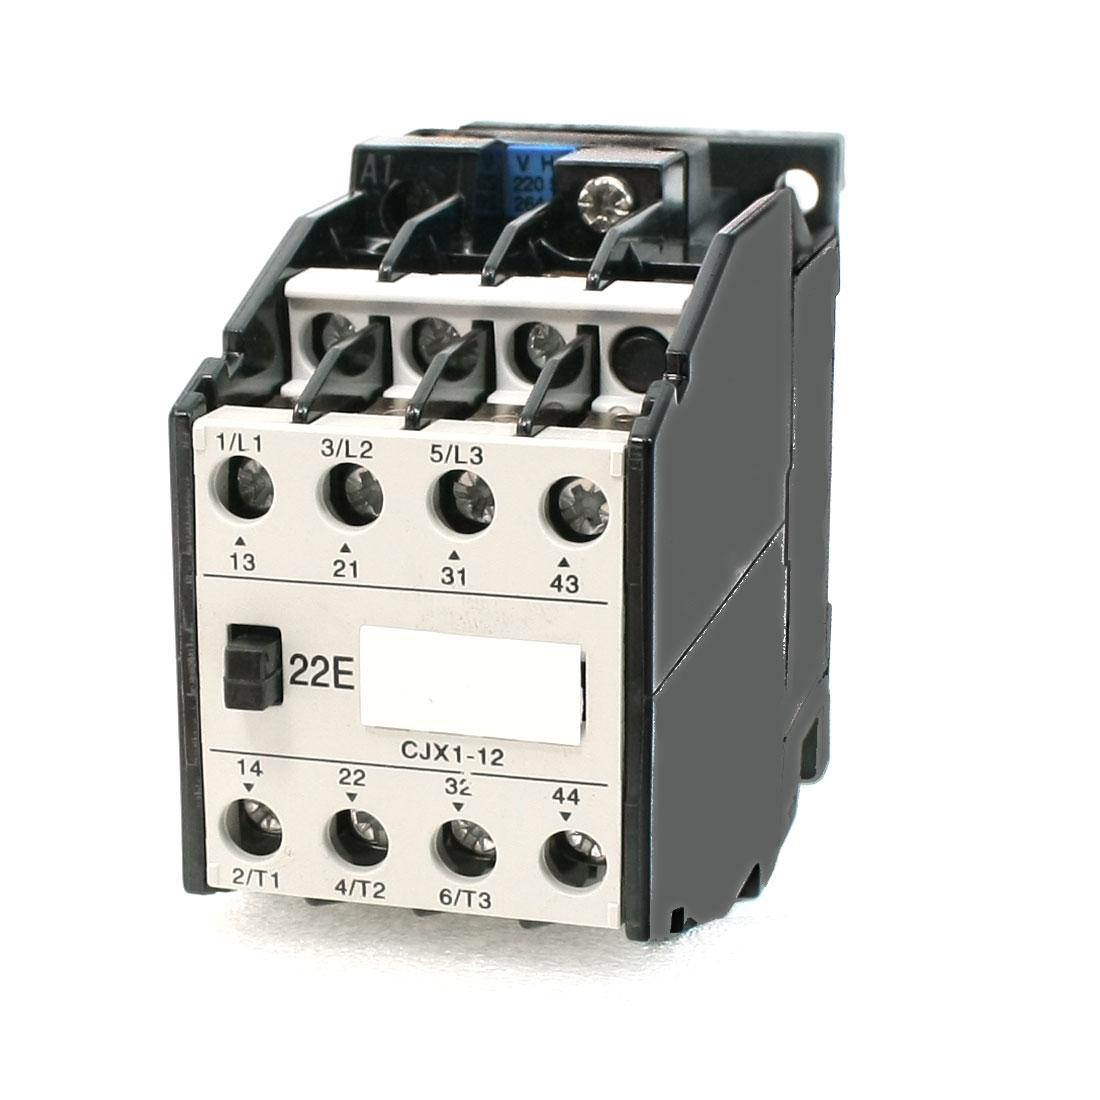 220V Coil Motor Controler AC Contactor 3 Pole 2NO+2NC 660V 20A CJX1-12/22